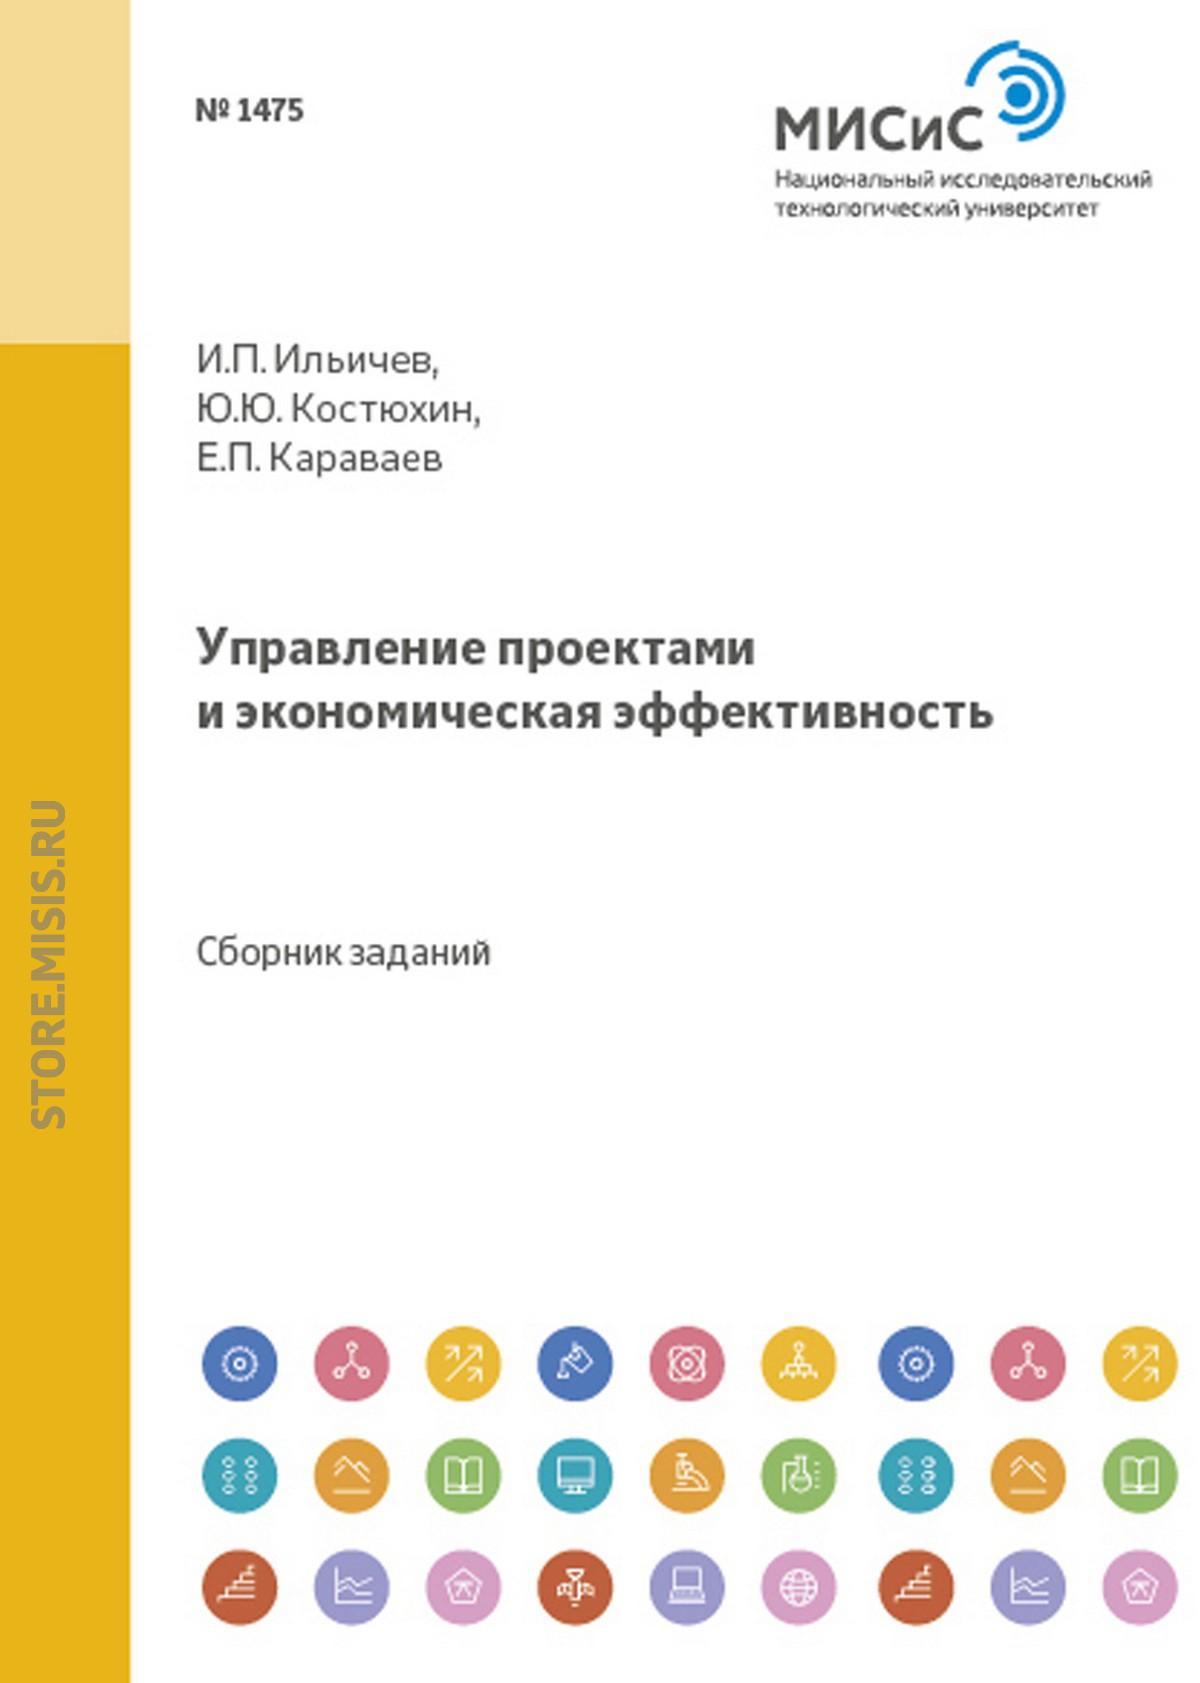 Евгений Сигитов Программирование и алгоритмические языки. Программирование на языках Турбо-Паскаль и Си цена